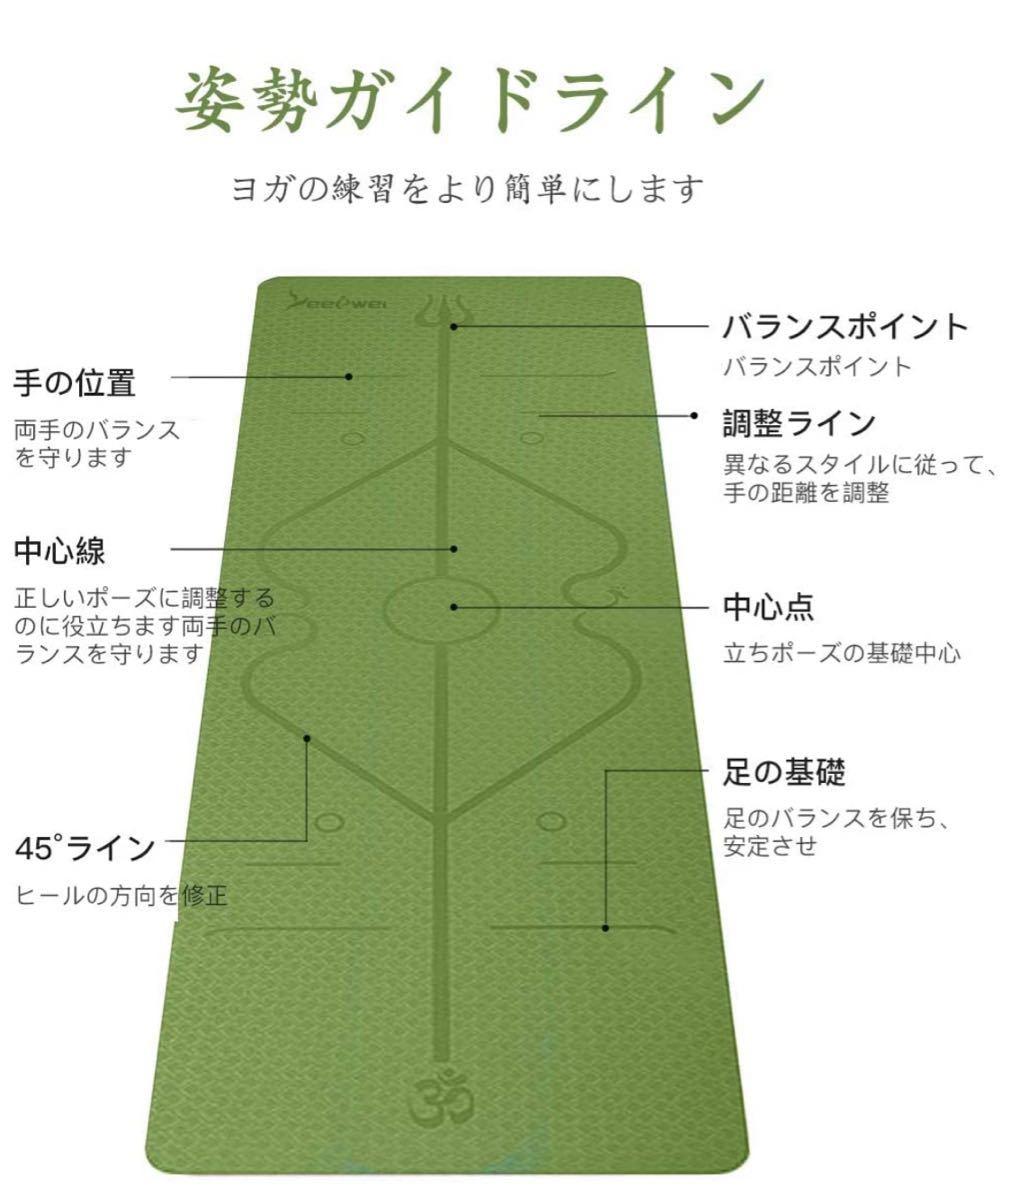 ヨガマット  6mm フィットネスマット 両面の滑り止 運動 ピラティスマット